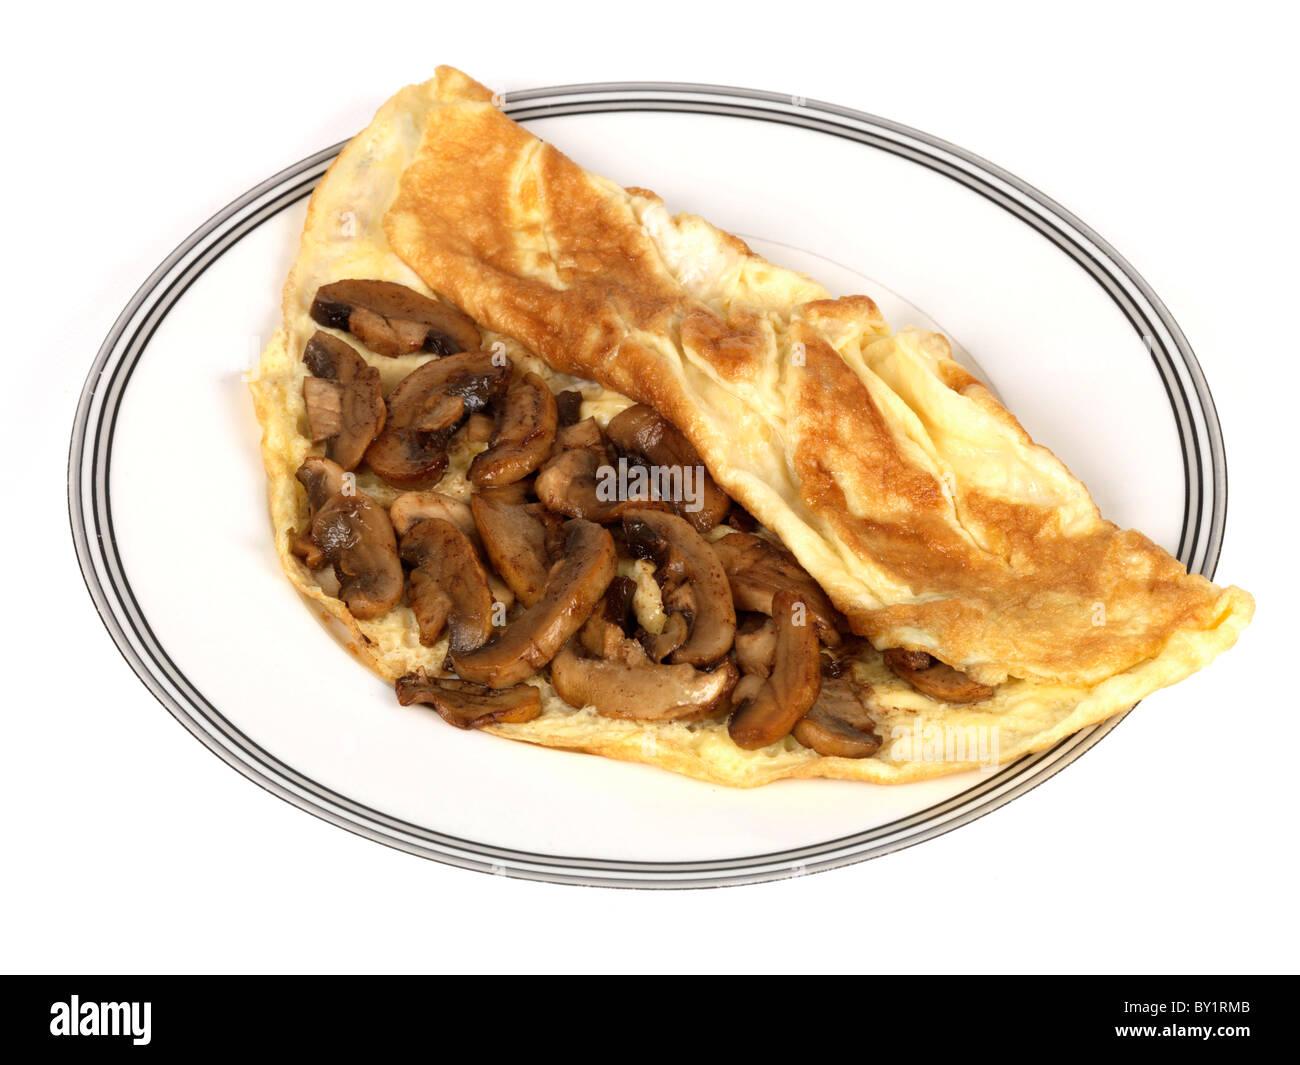 Mushroom Omelette - Stock Image